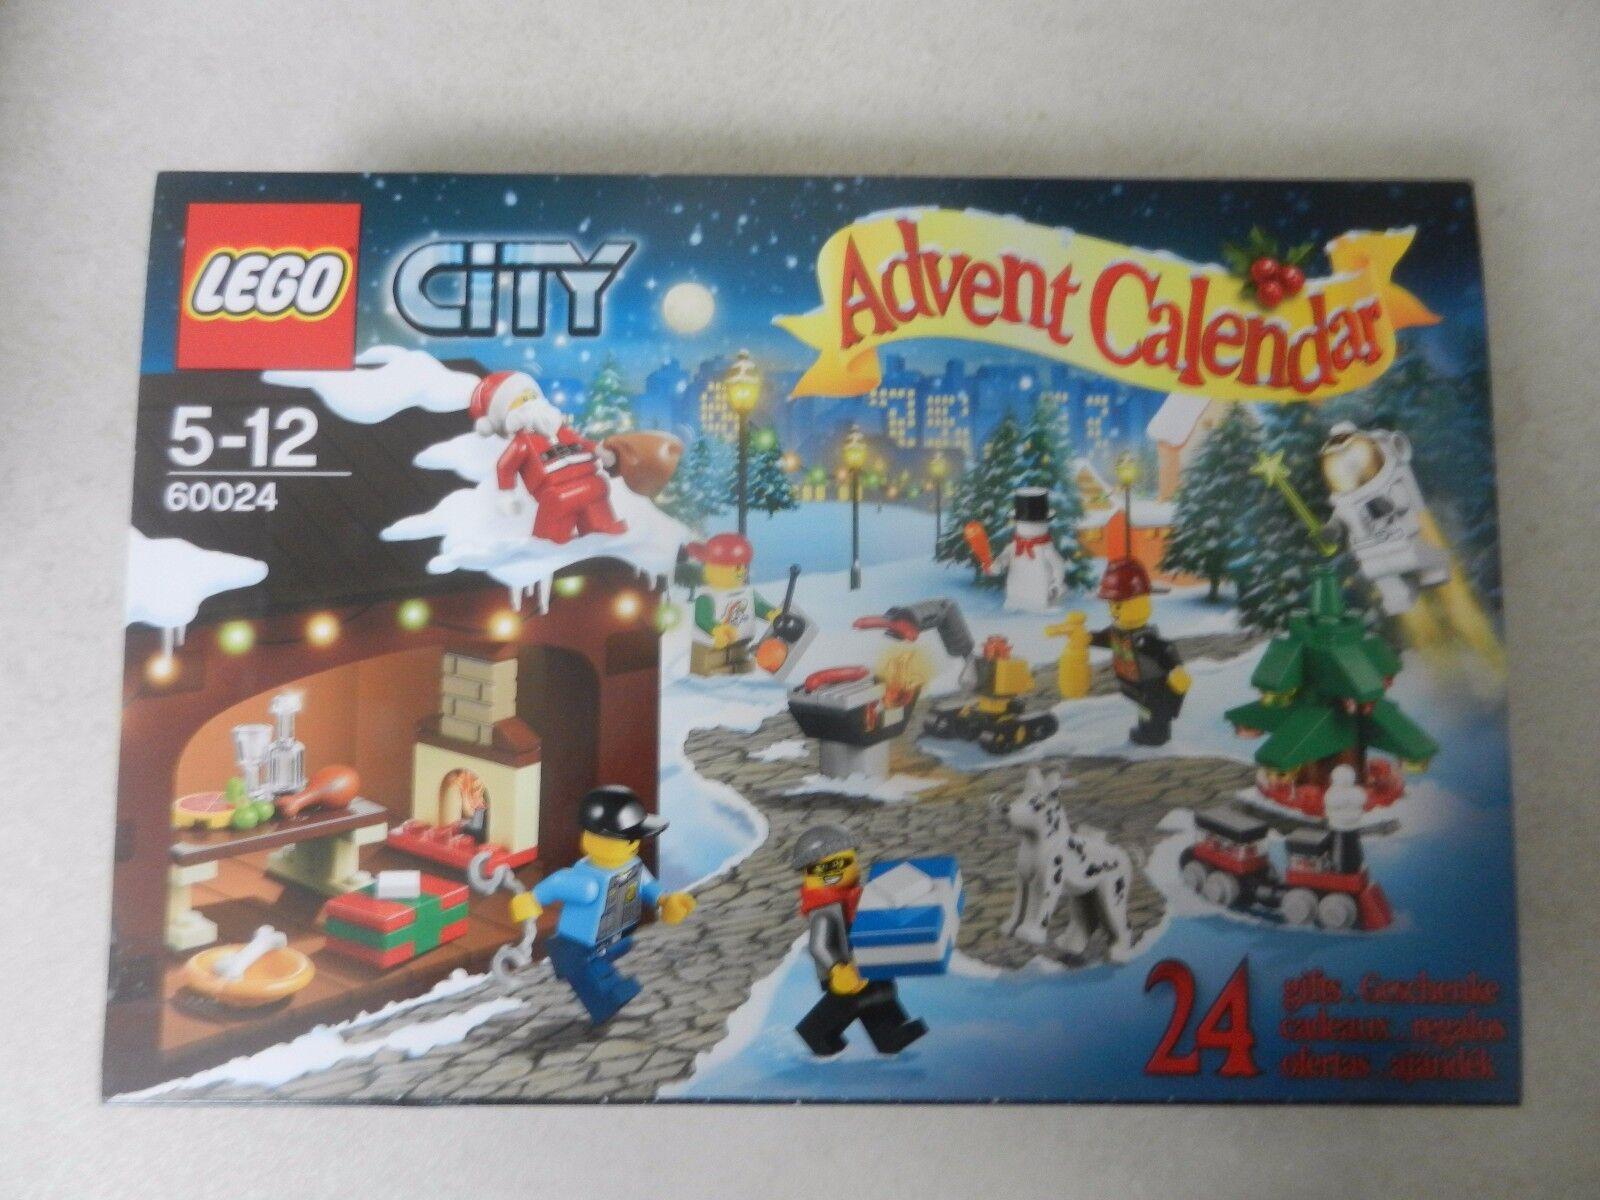 BNIB Lego 60024 City Christmas Advent Calendar 2013 Discontinued New Xmas.